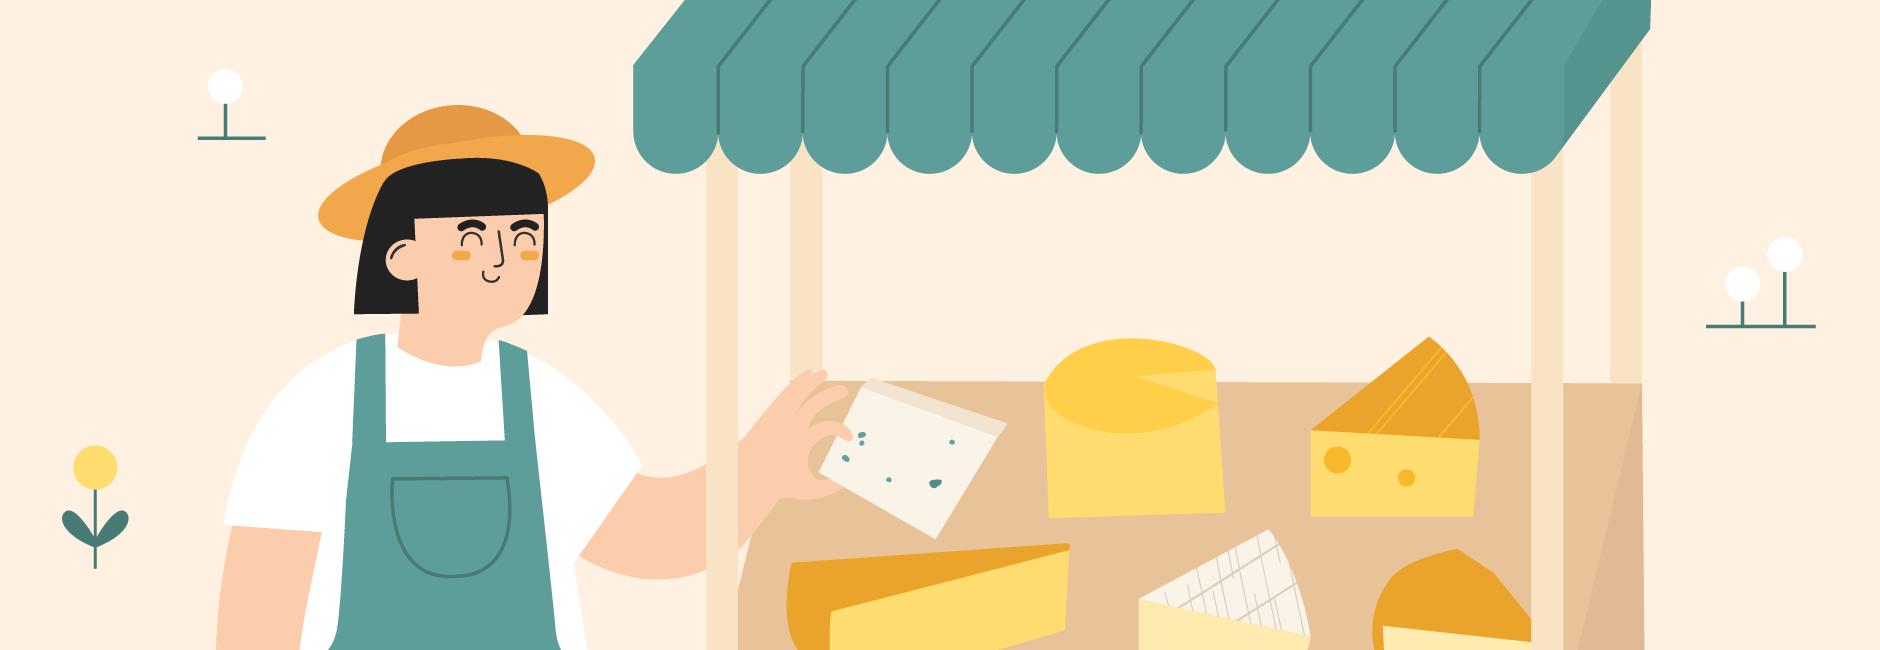 Ilustración de un granjero con un carro de queso y una vaca